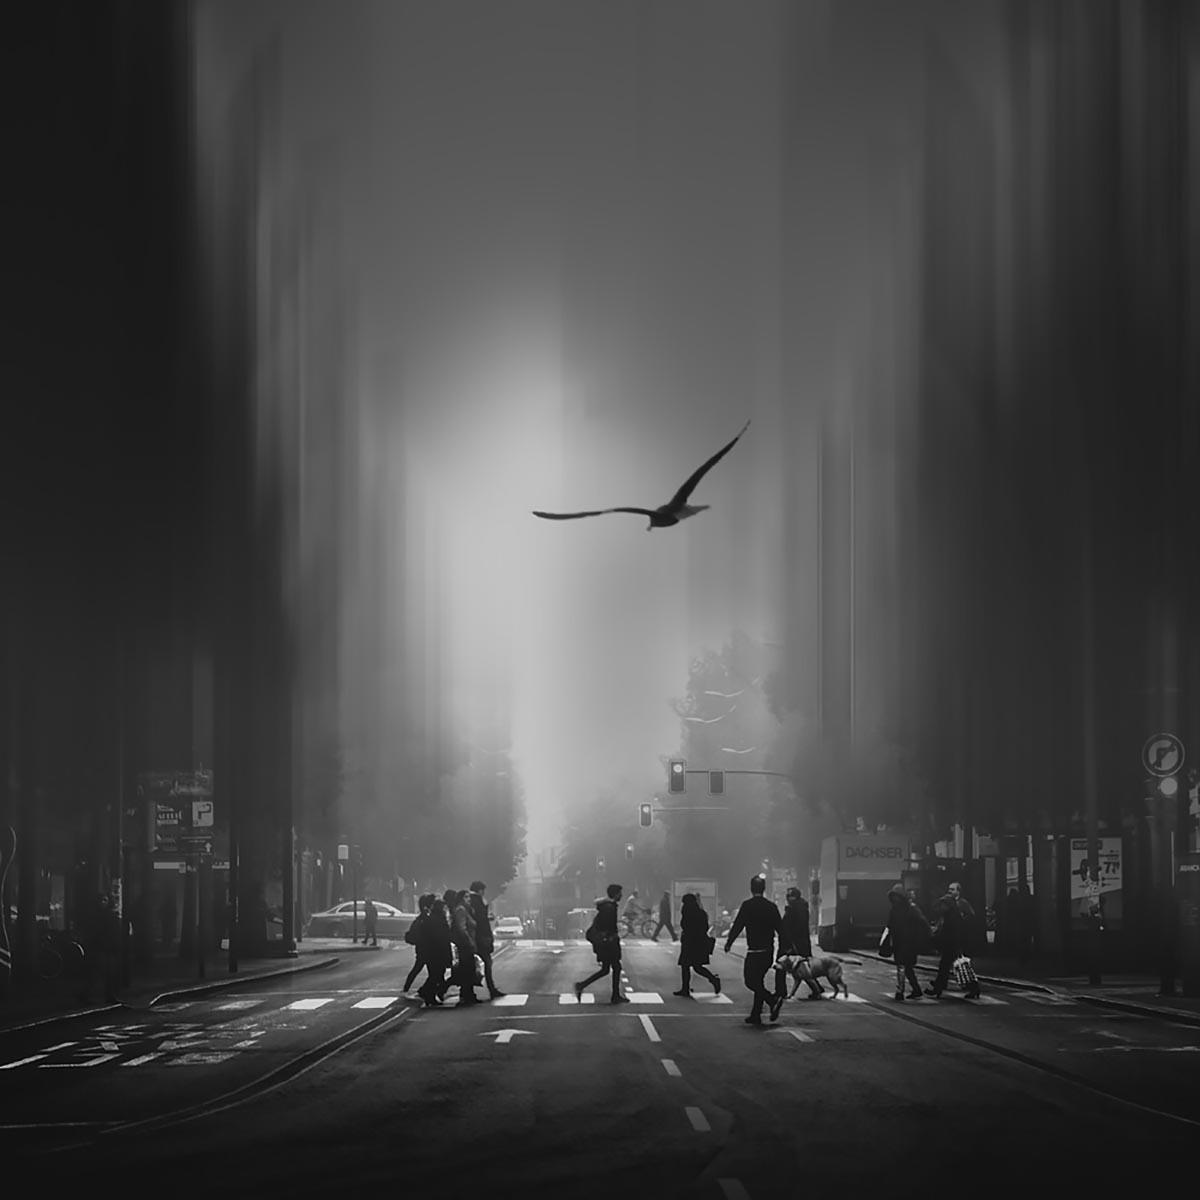 Mariano Belmar – Segundo puesto categoría fotomontaje amateur